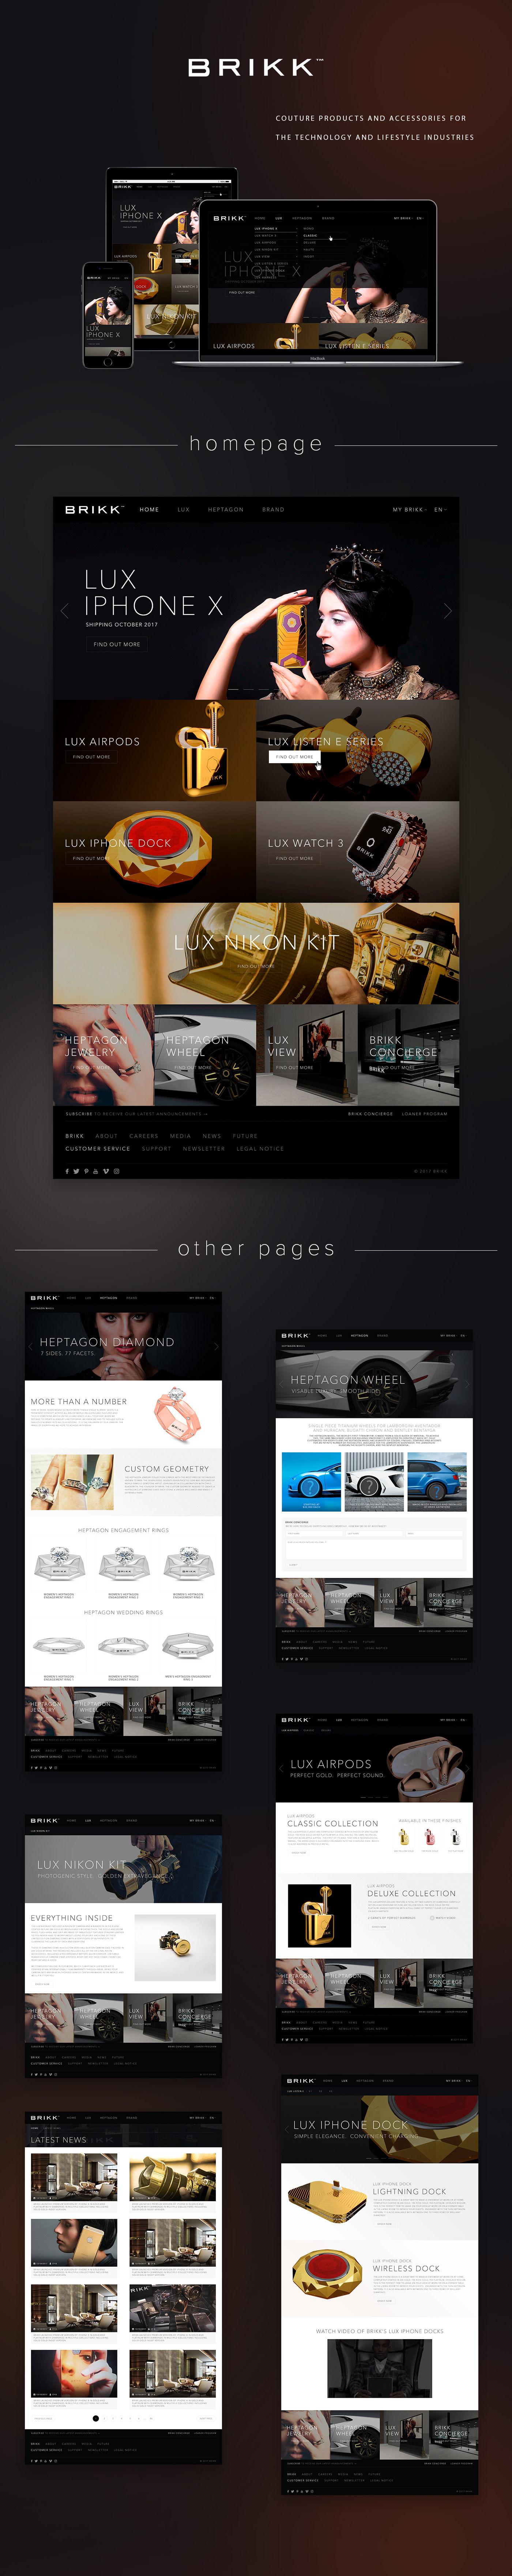 BRIKK iphone xsmas photoshop design UI ux Web animation  brand